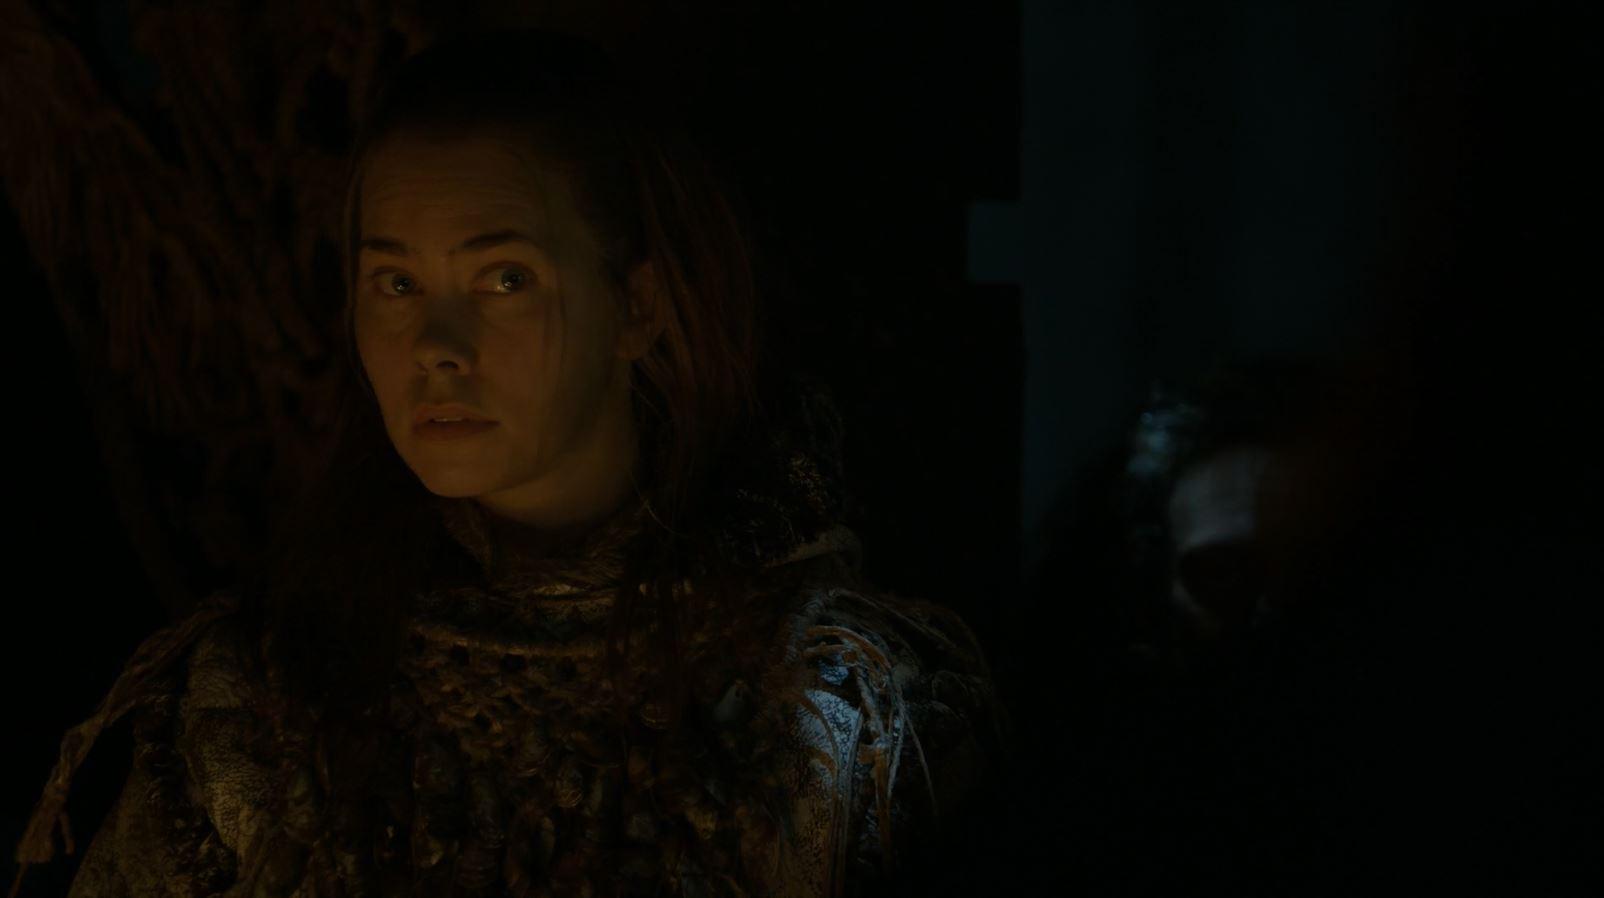 Game of Thrones S5Ep8 Hardhome Review. Birgitte Hjort Sørensen as Karsi.